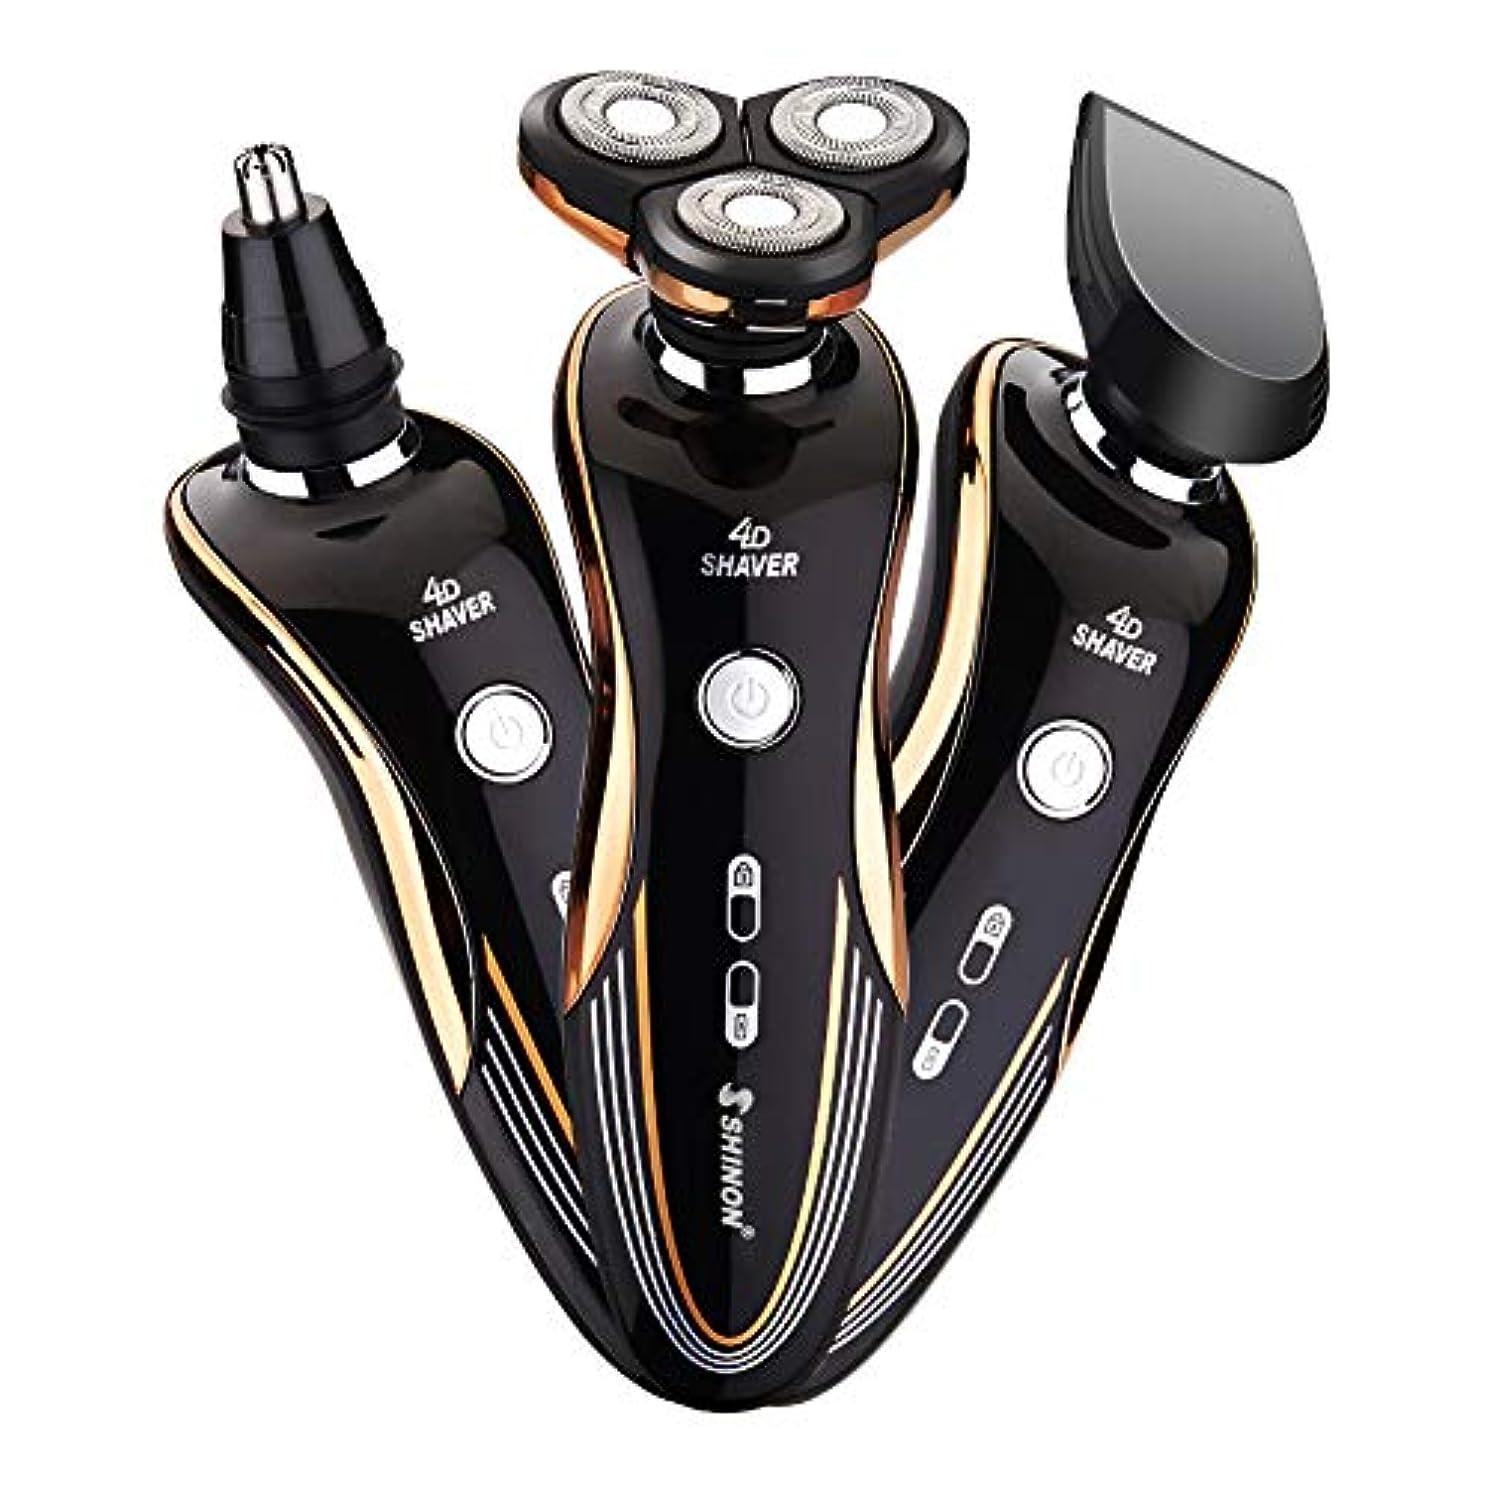 盗賊直立周術期メンズ 電気シェーバー ひげそり 電気カミソリ 回転式 3枚刃 USB充電式 IPX7防水 お風呂剃り